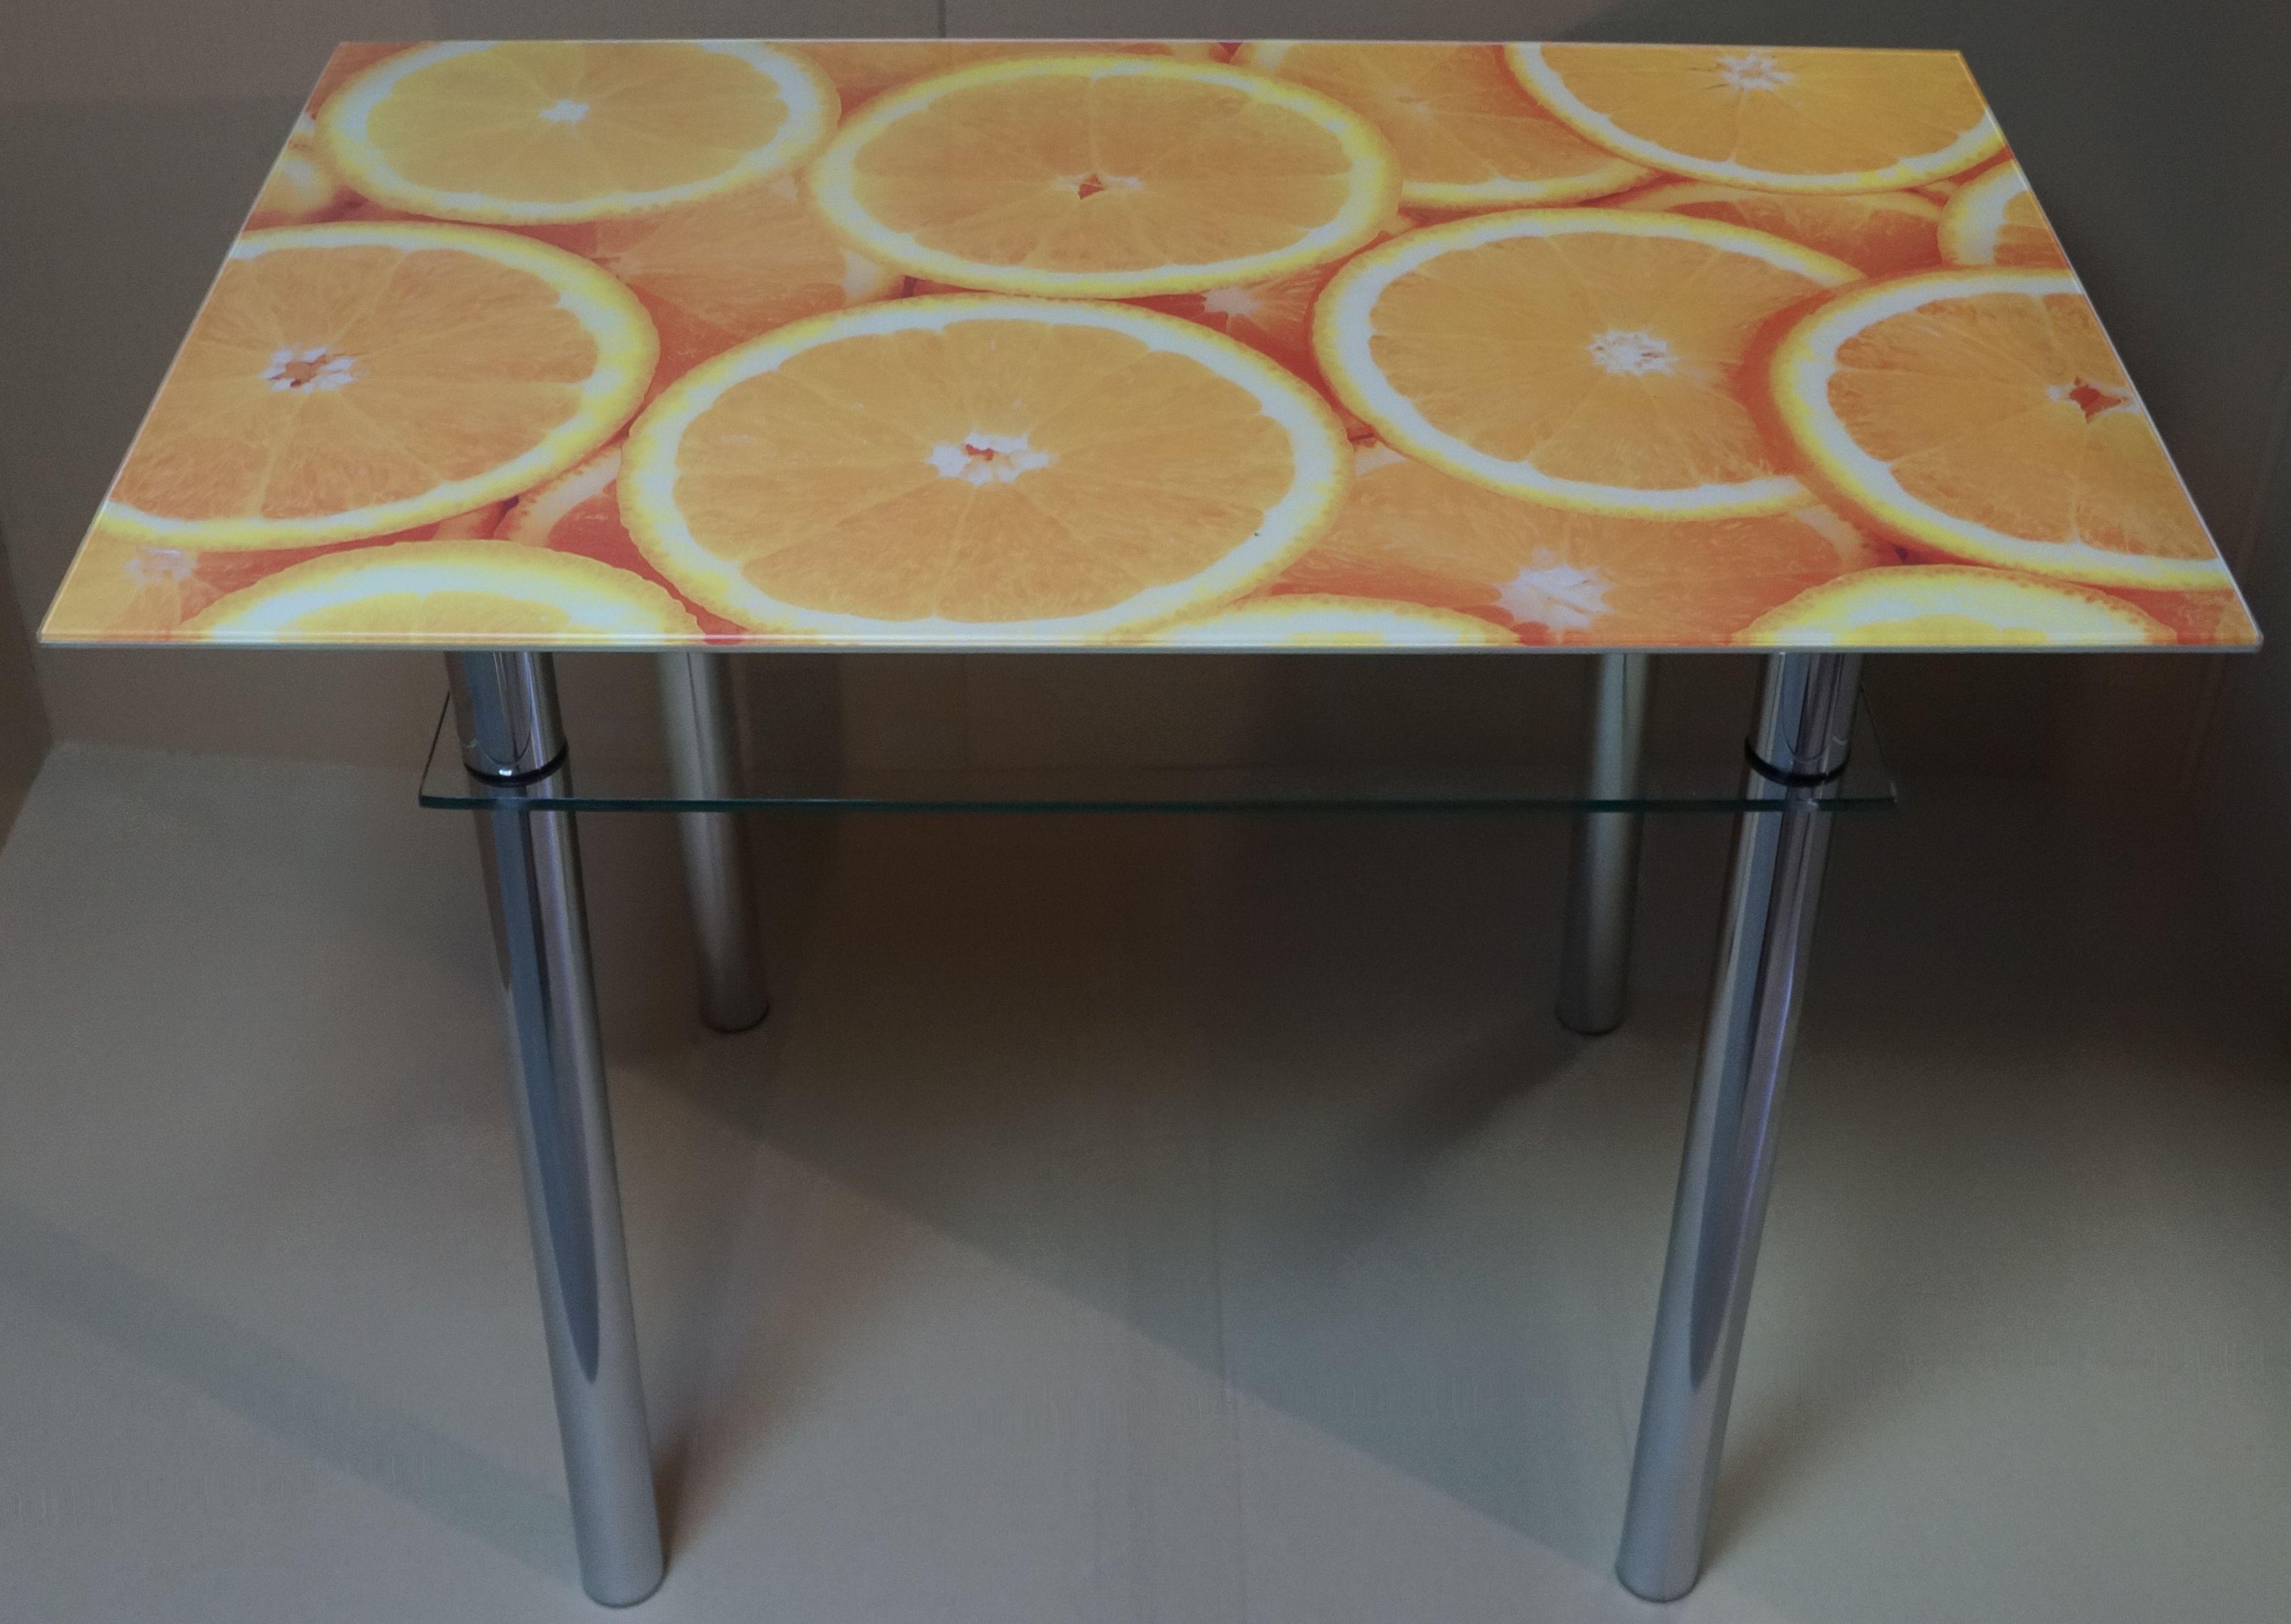 Milli ос-56 стеклянный стол для кухни с рисунком апельсины.